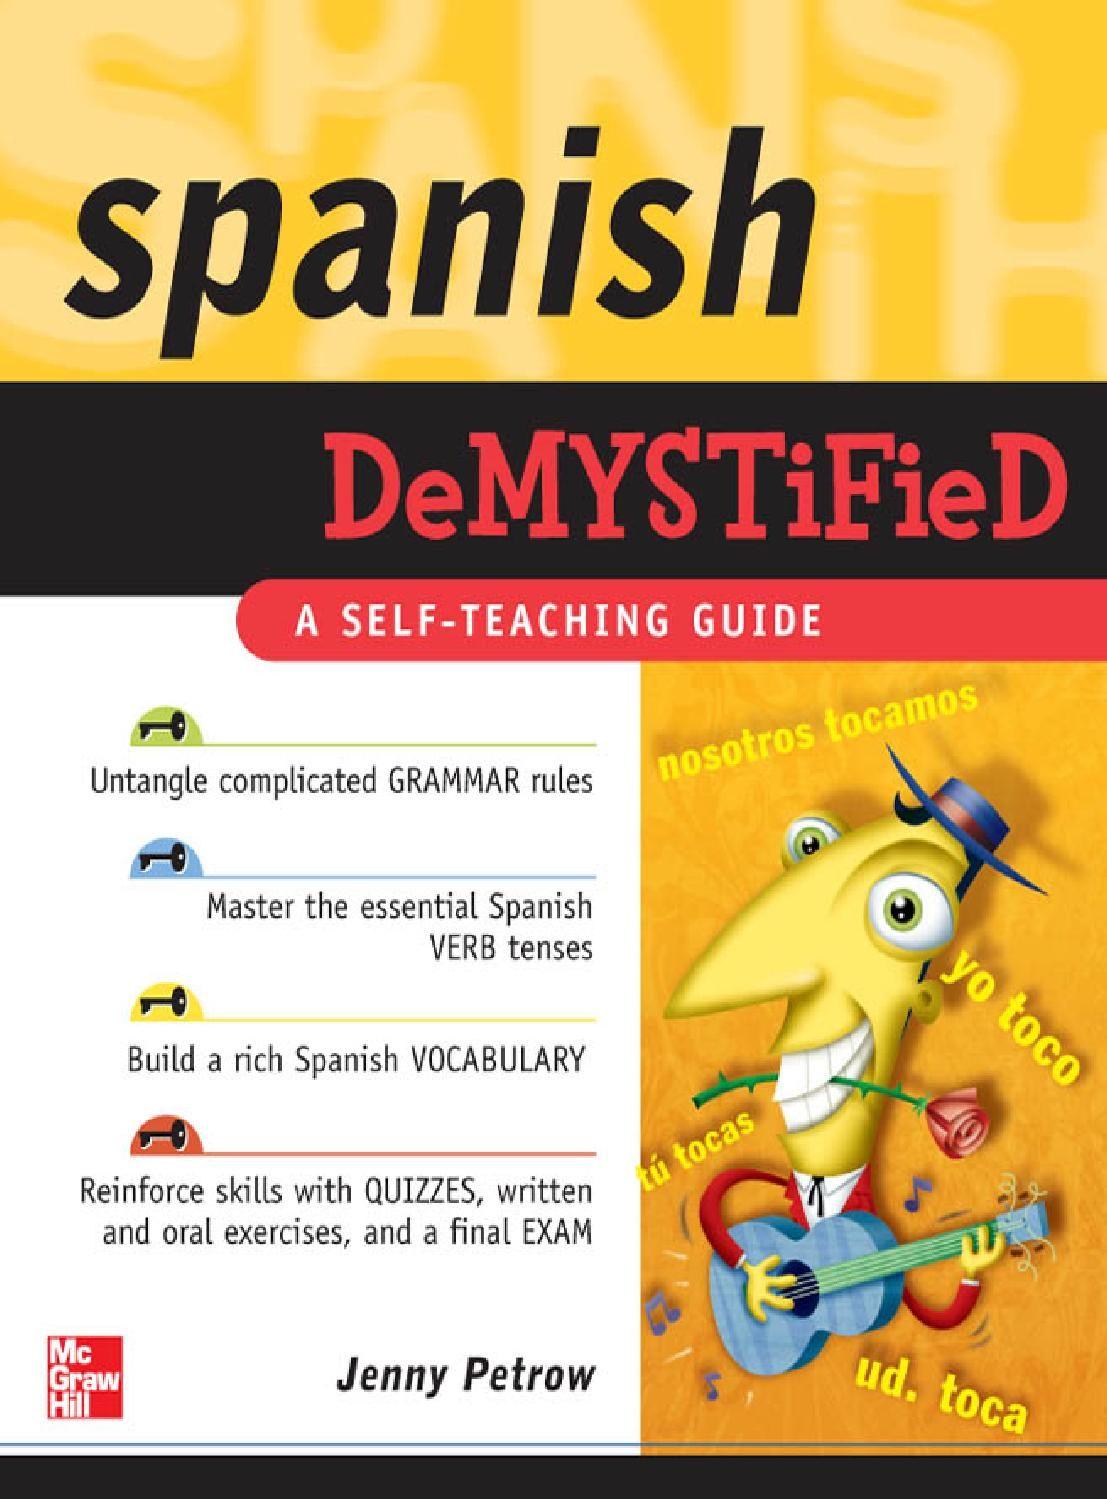 Spanish Demystified By Jenny Petrow